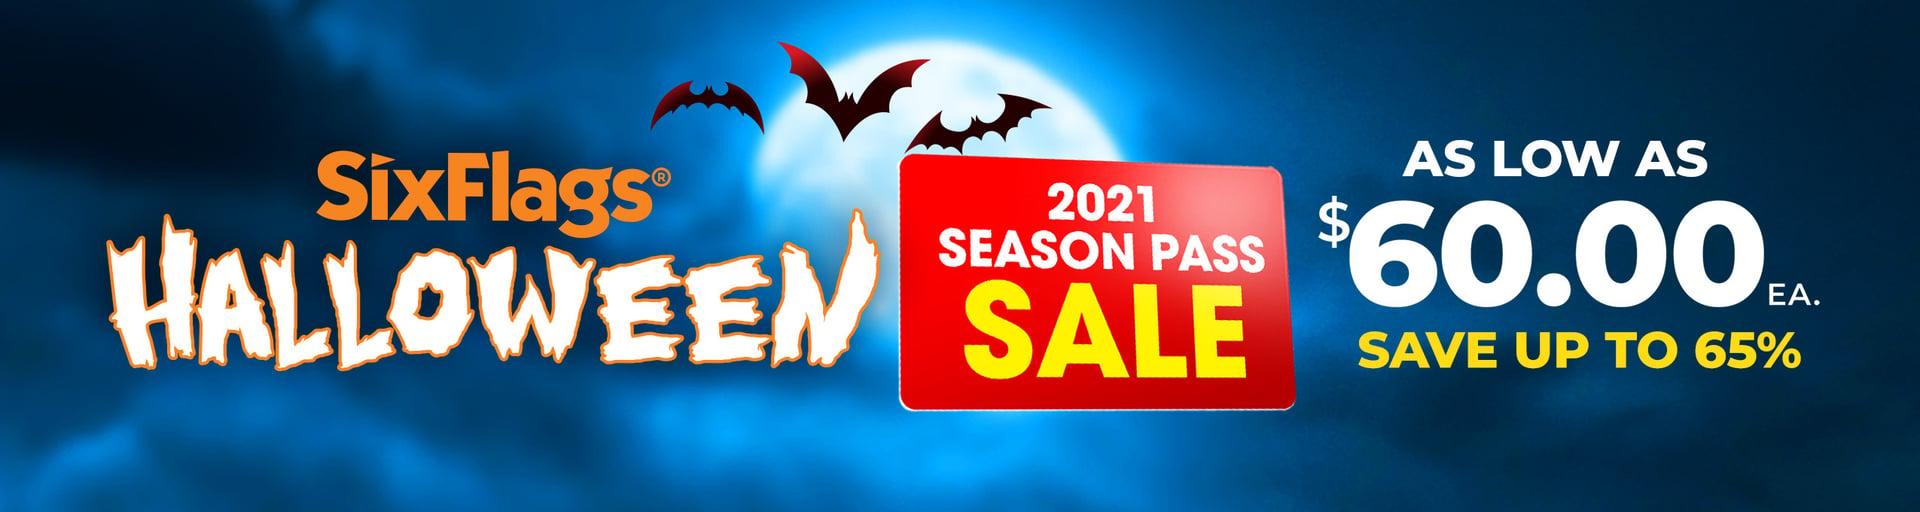 2021 Season Pass As Low As $60